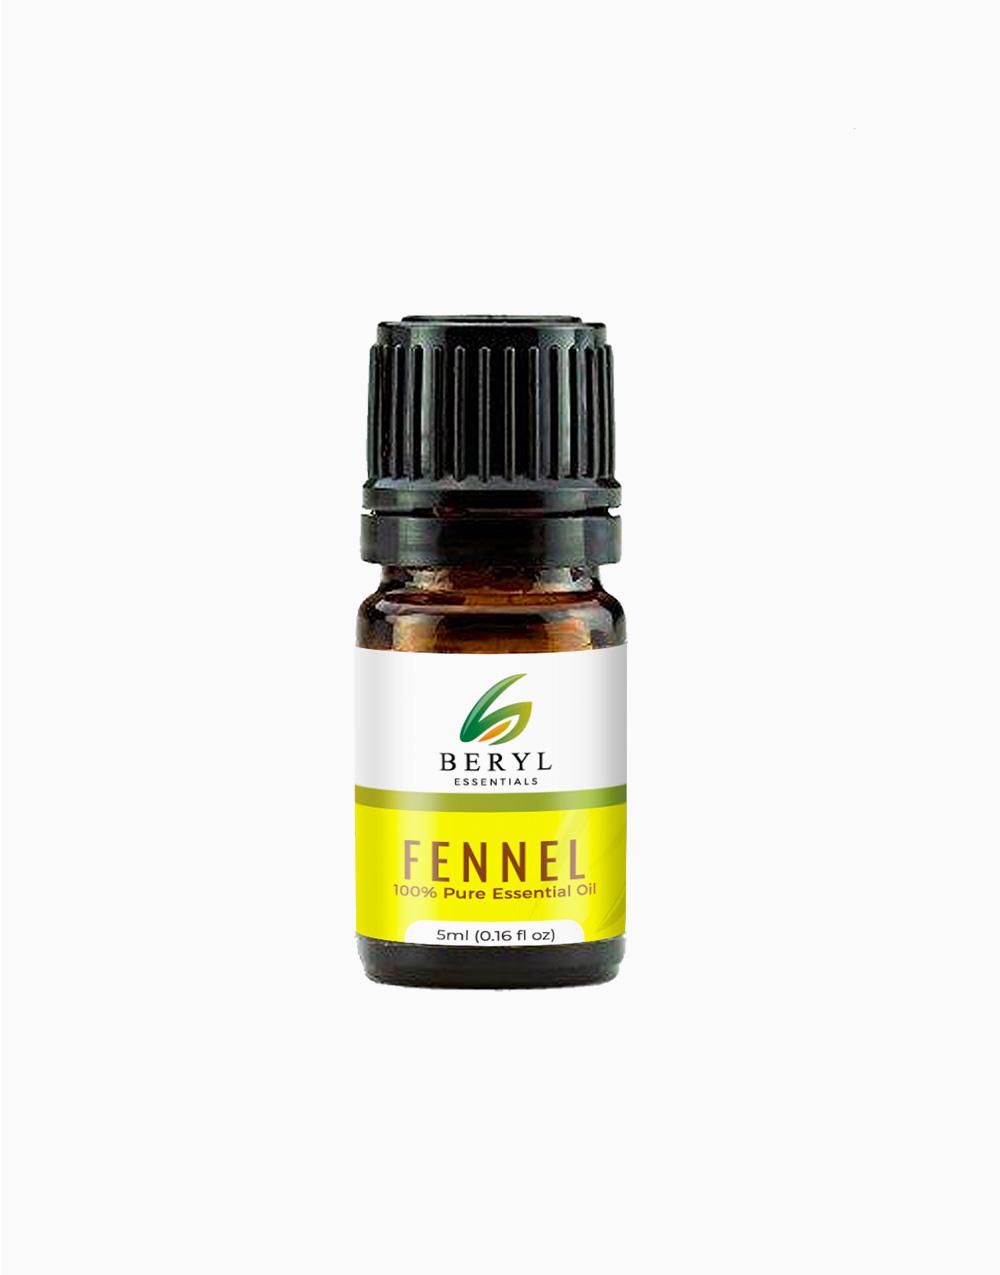 Fennel Essential Oil (5ml) by Beryl Essentials